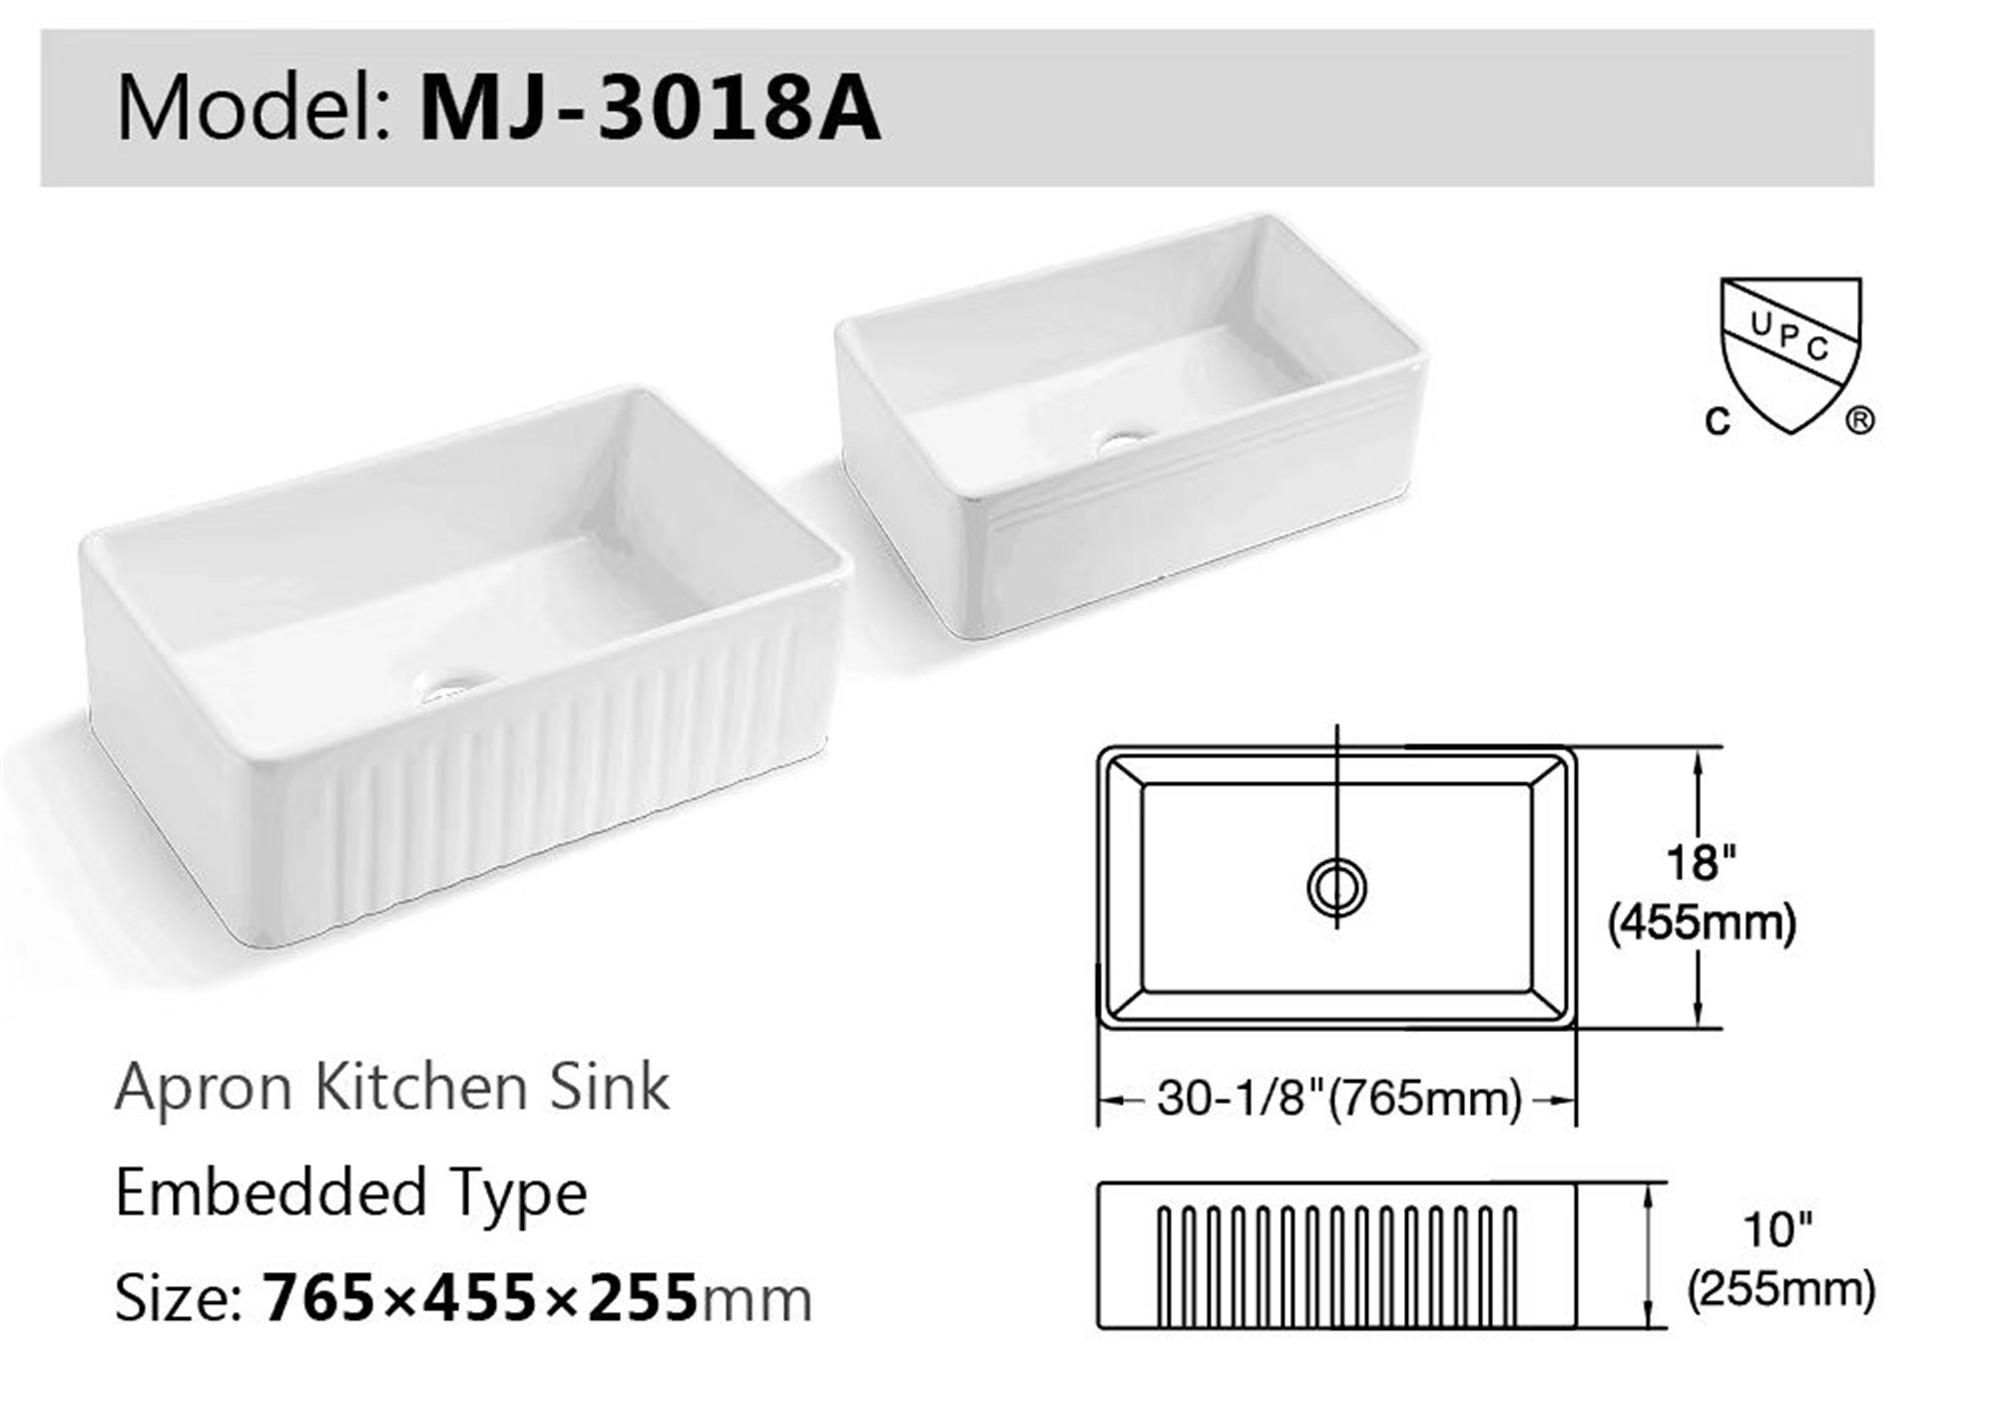 MJ-3018A